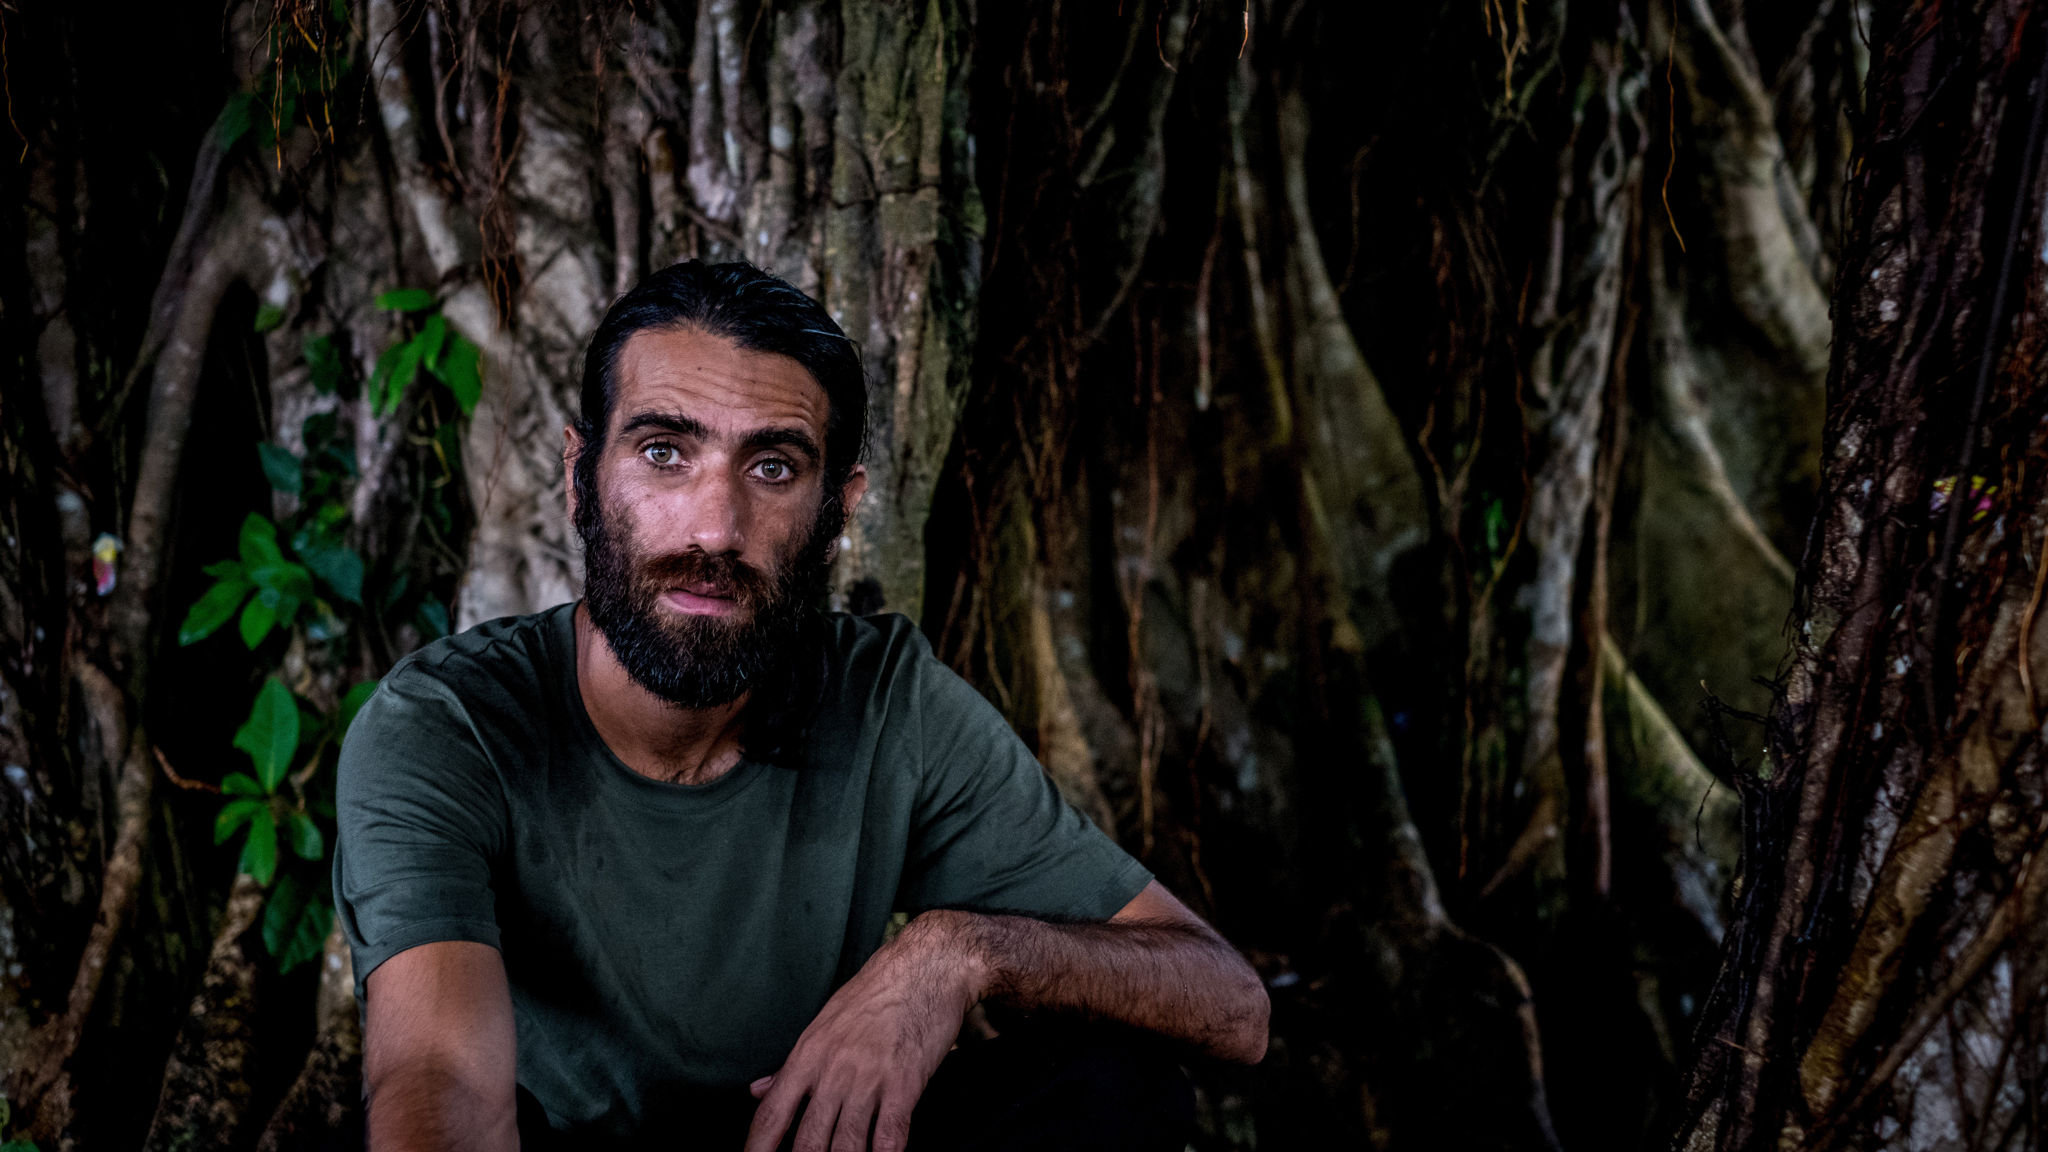 Kurdish refugee stuck in Manus cannot take up UK professorship